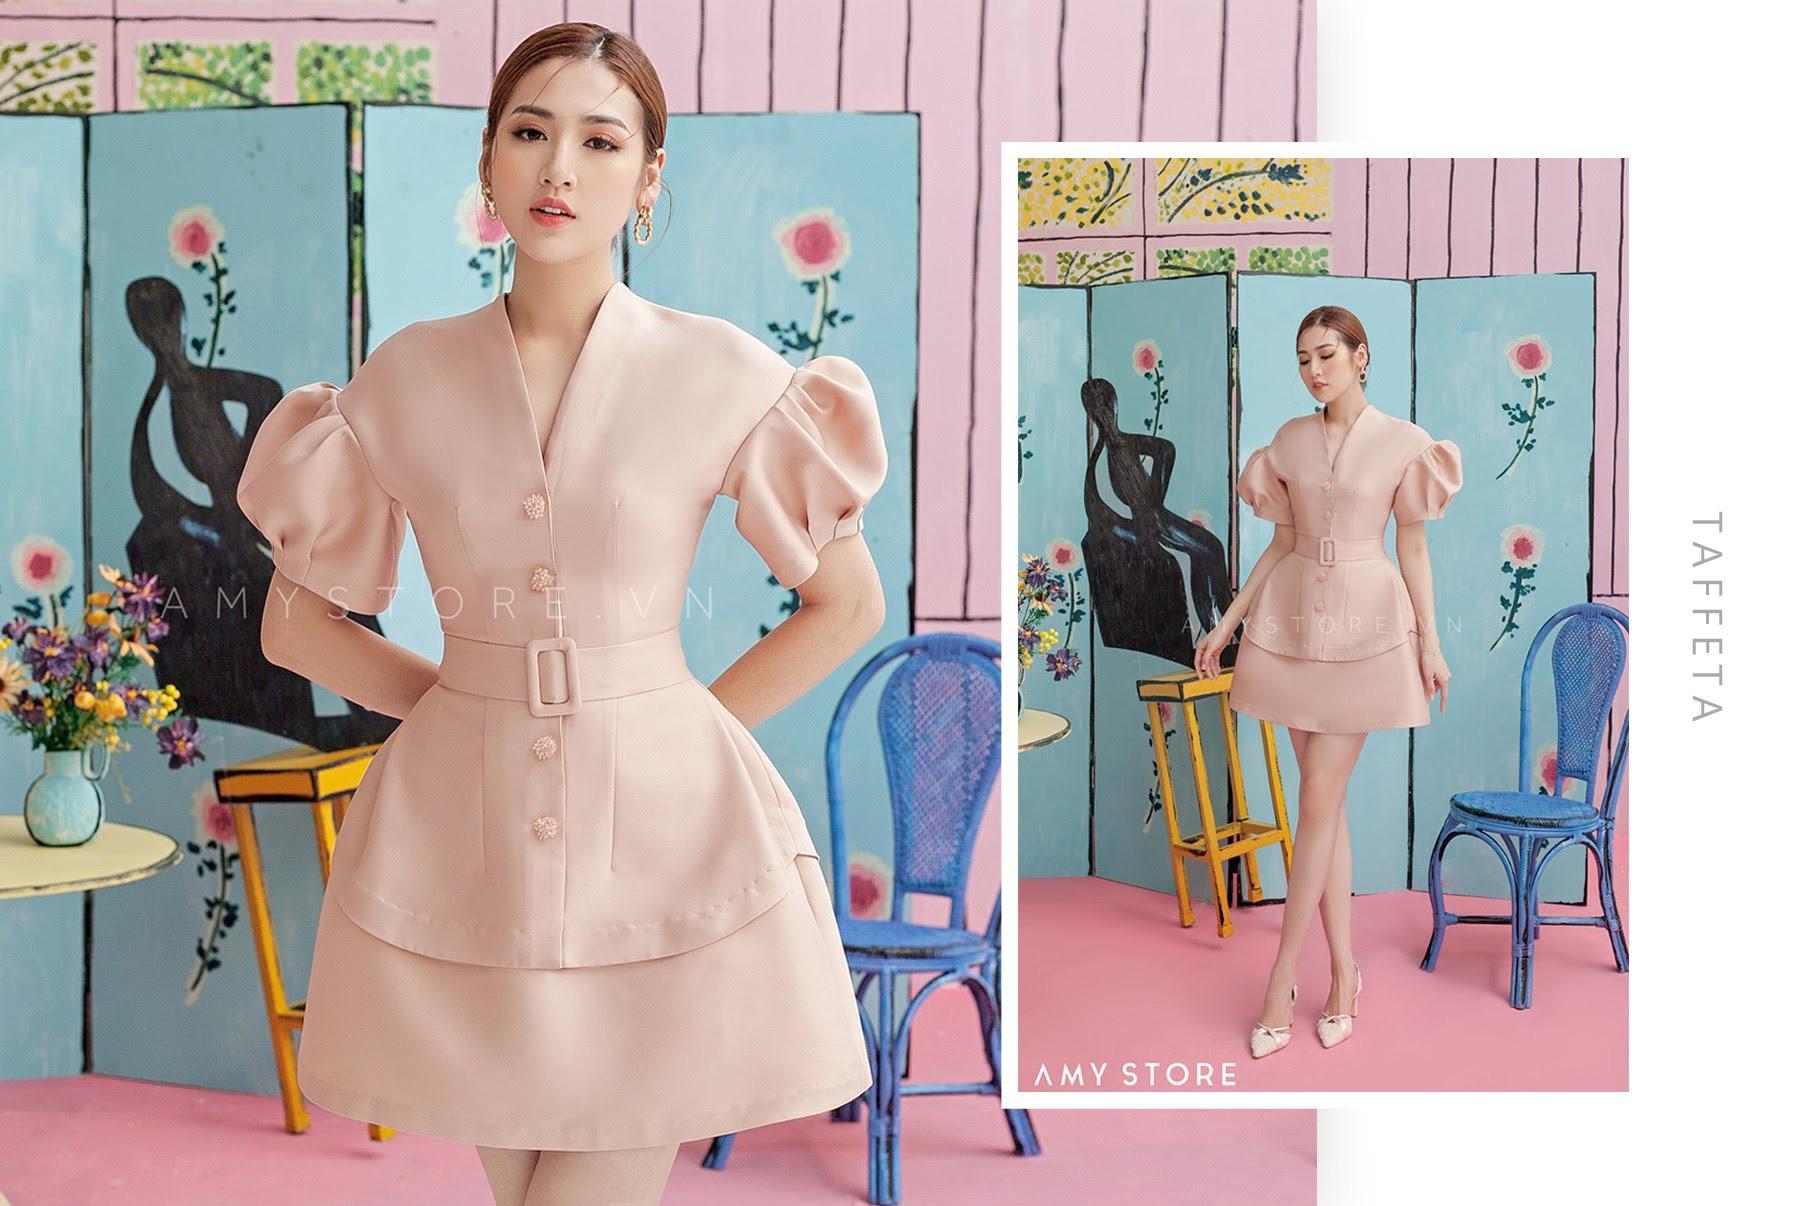 Amy Store - Thiết kế độc nhất tự hào mang lại vẻ đẹp Việt - Ảnh 3.